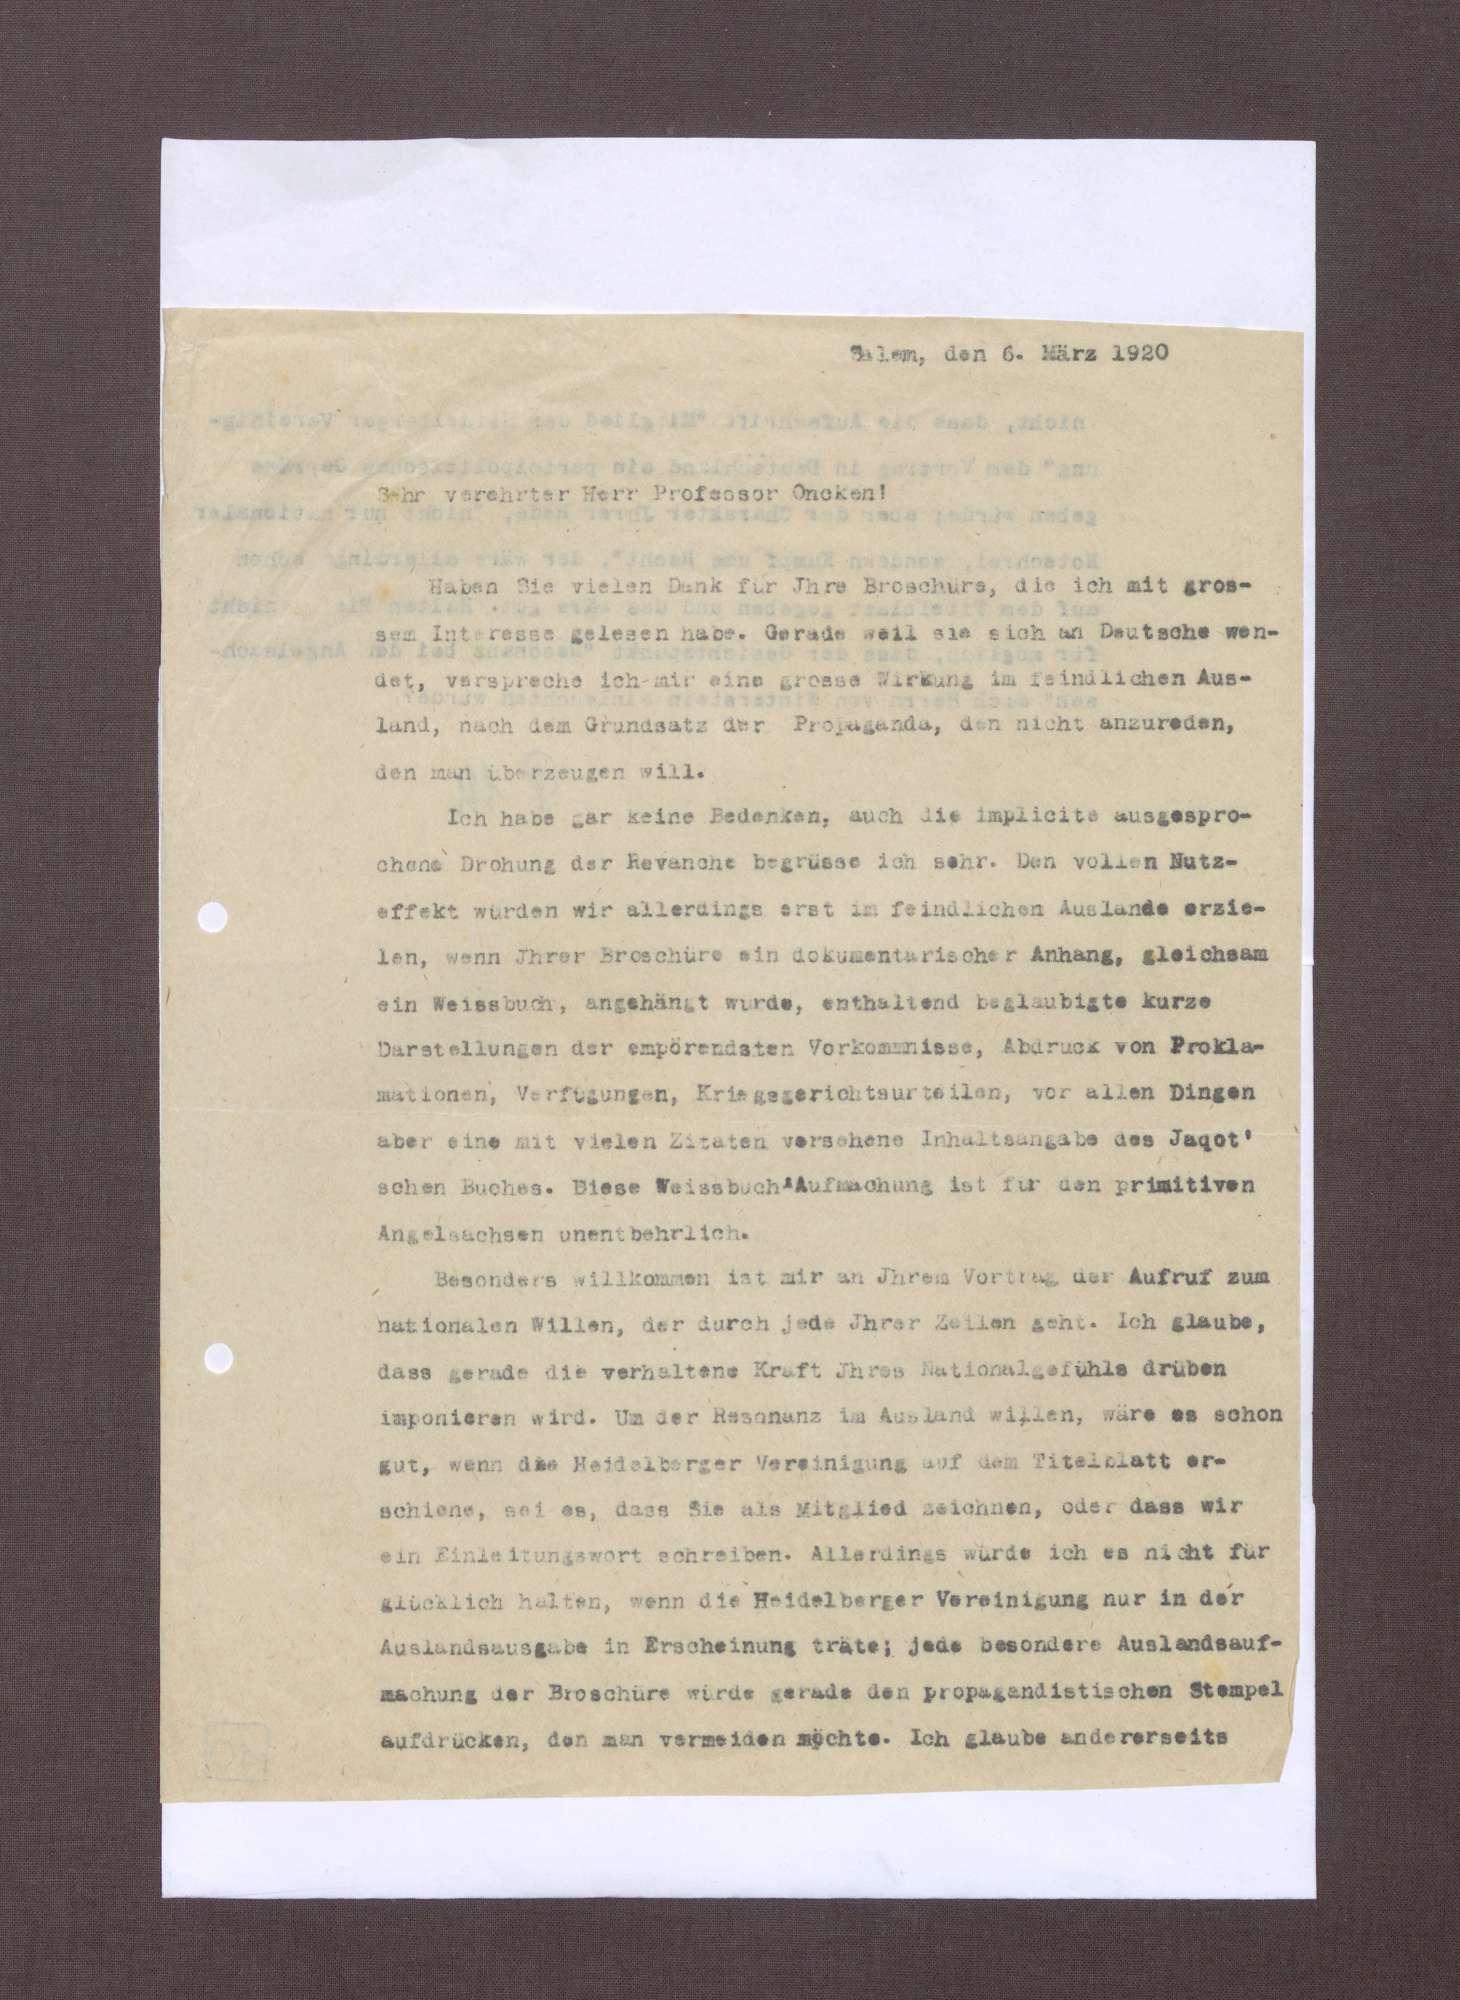 Schreiben von Prinz Max von Baden an Hermann Oncken; Übersendung einer Broschüre von Hermann Oncken und Einschätzungen zu dieser, Bild 1